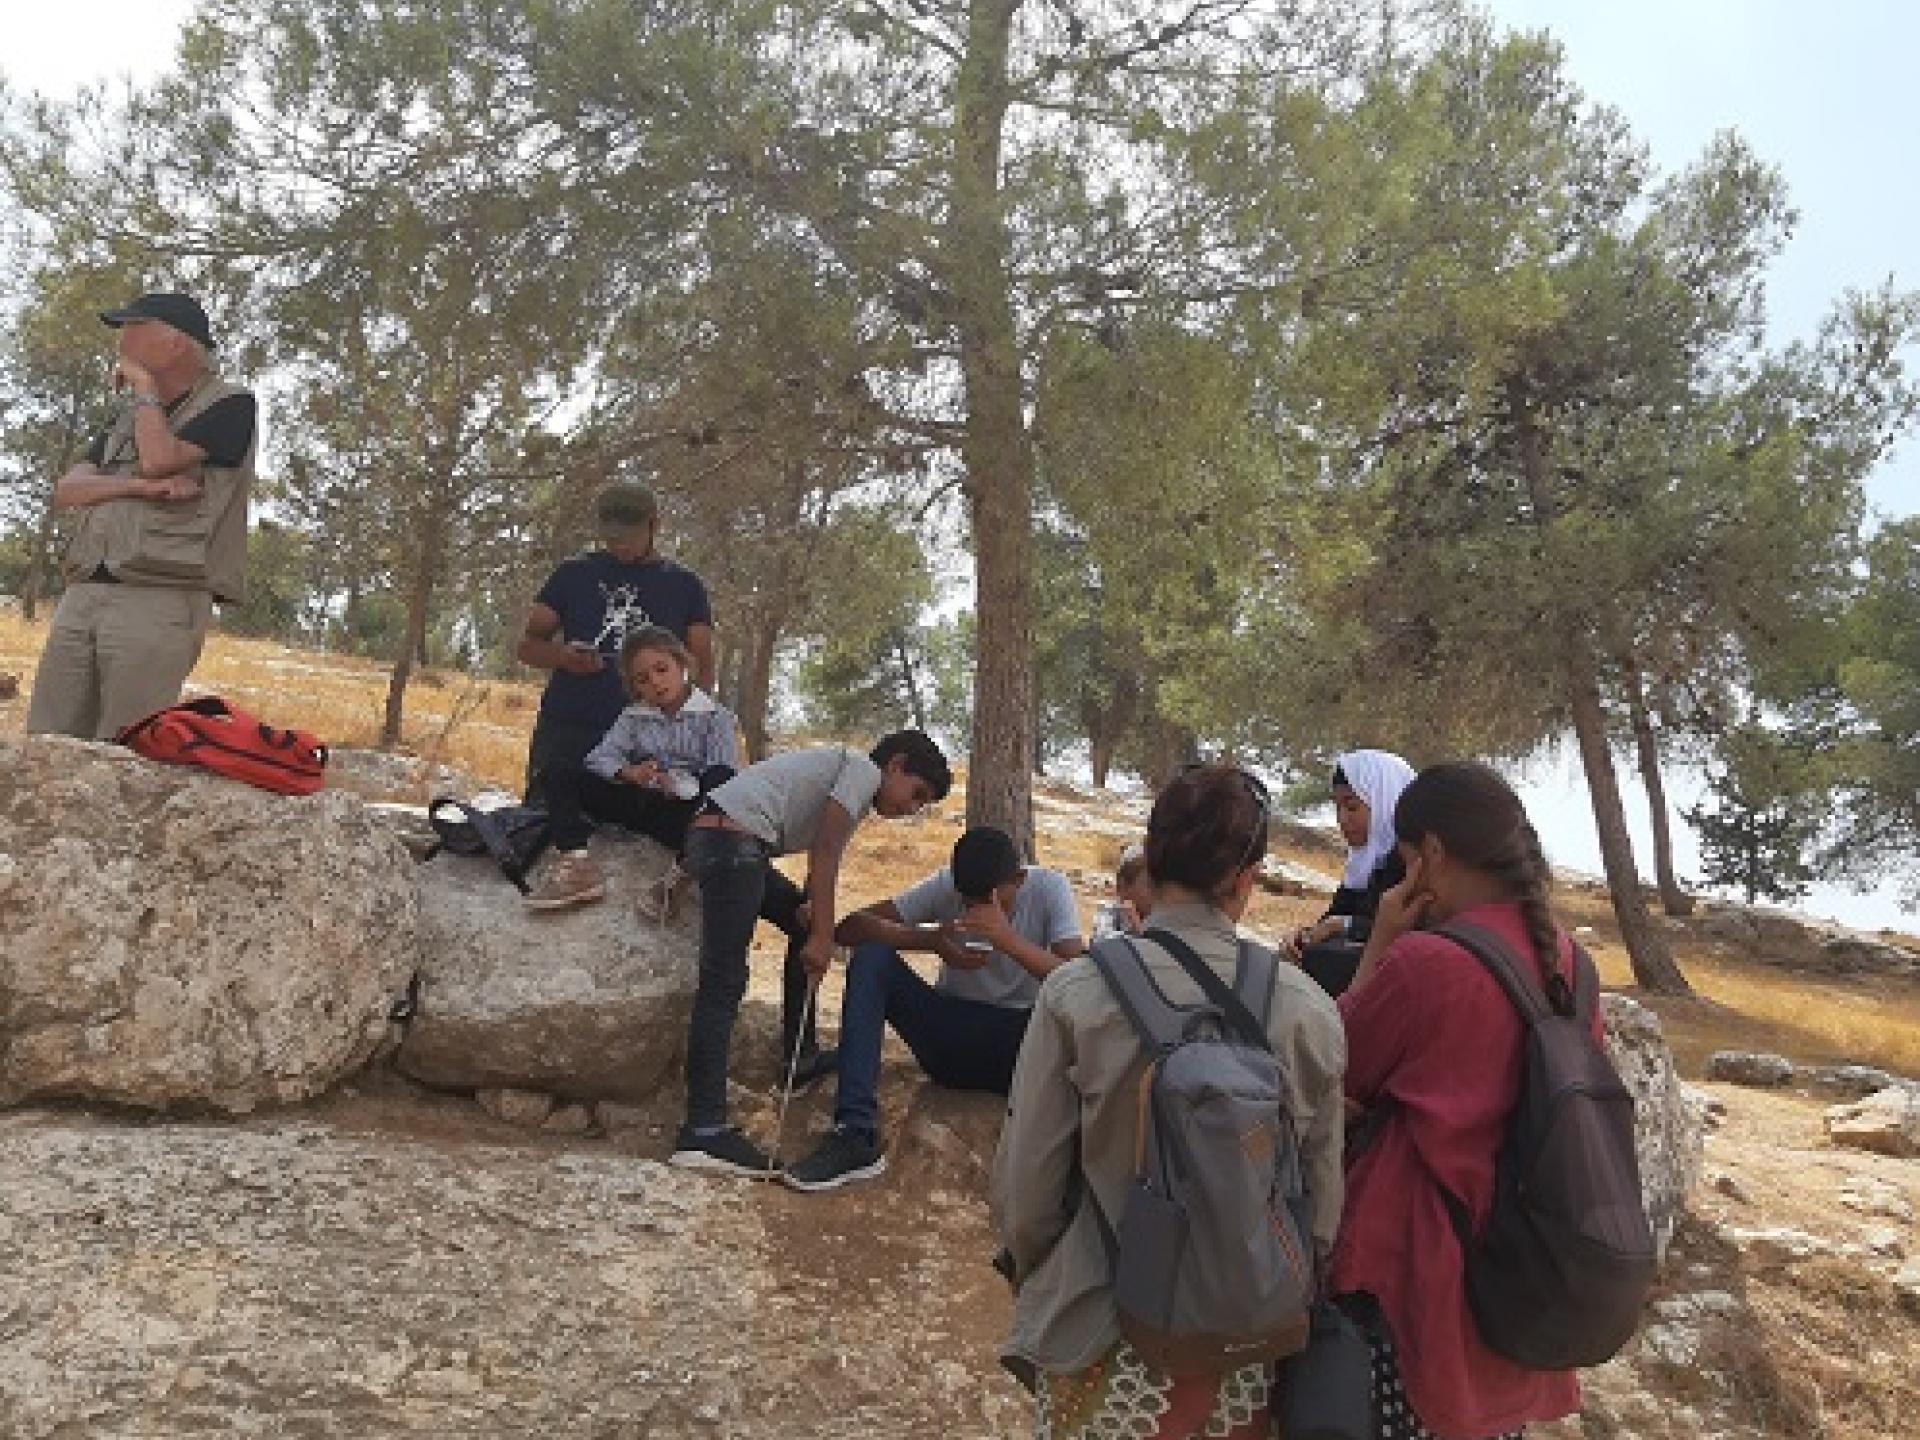 ילדים ומתנדבים מחכים לחיילים